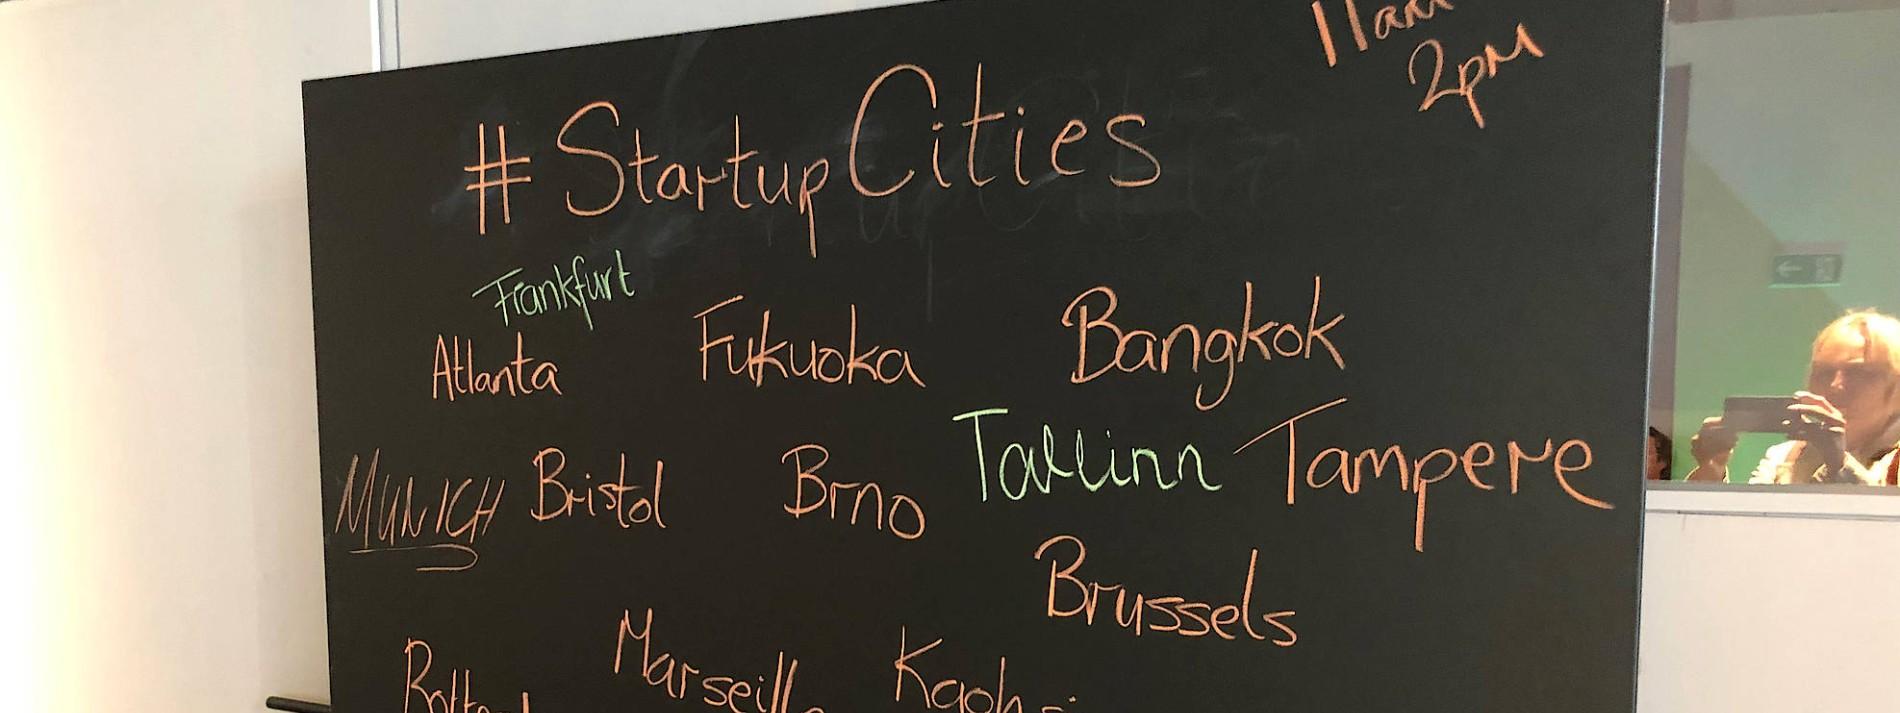 Marseille, Nikosia, Tampere, Kaohsiung - welcher Standort darf es denn sein?